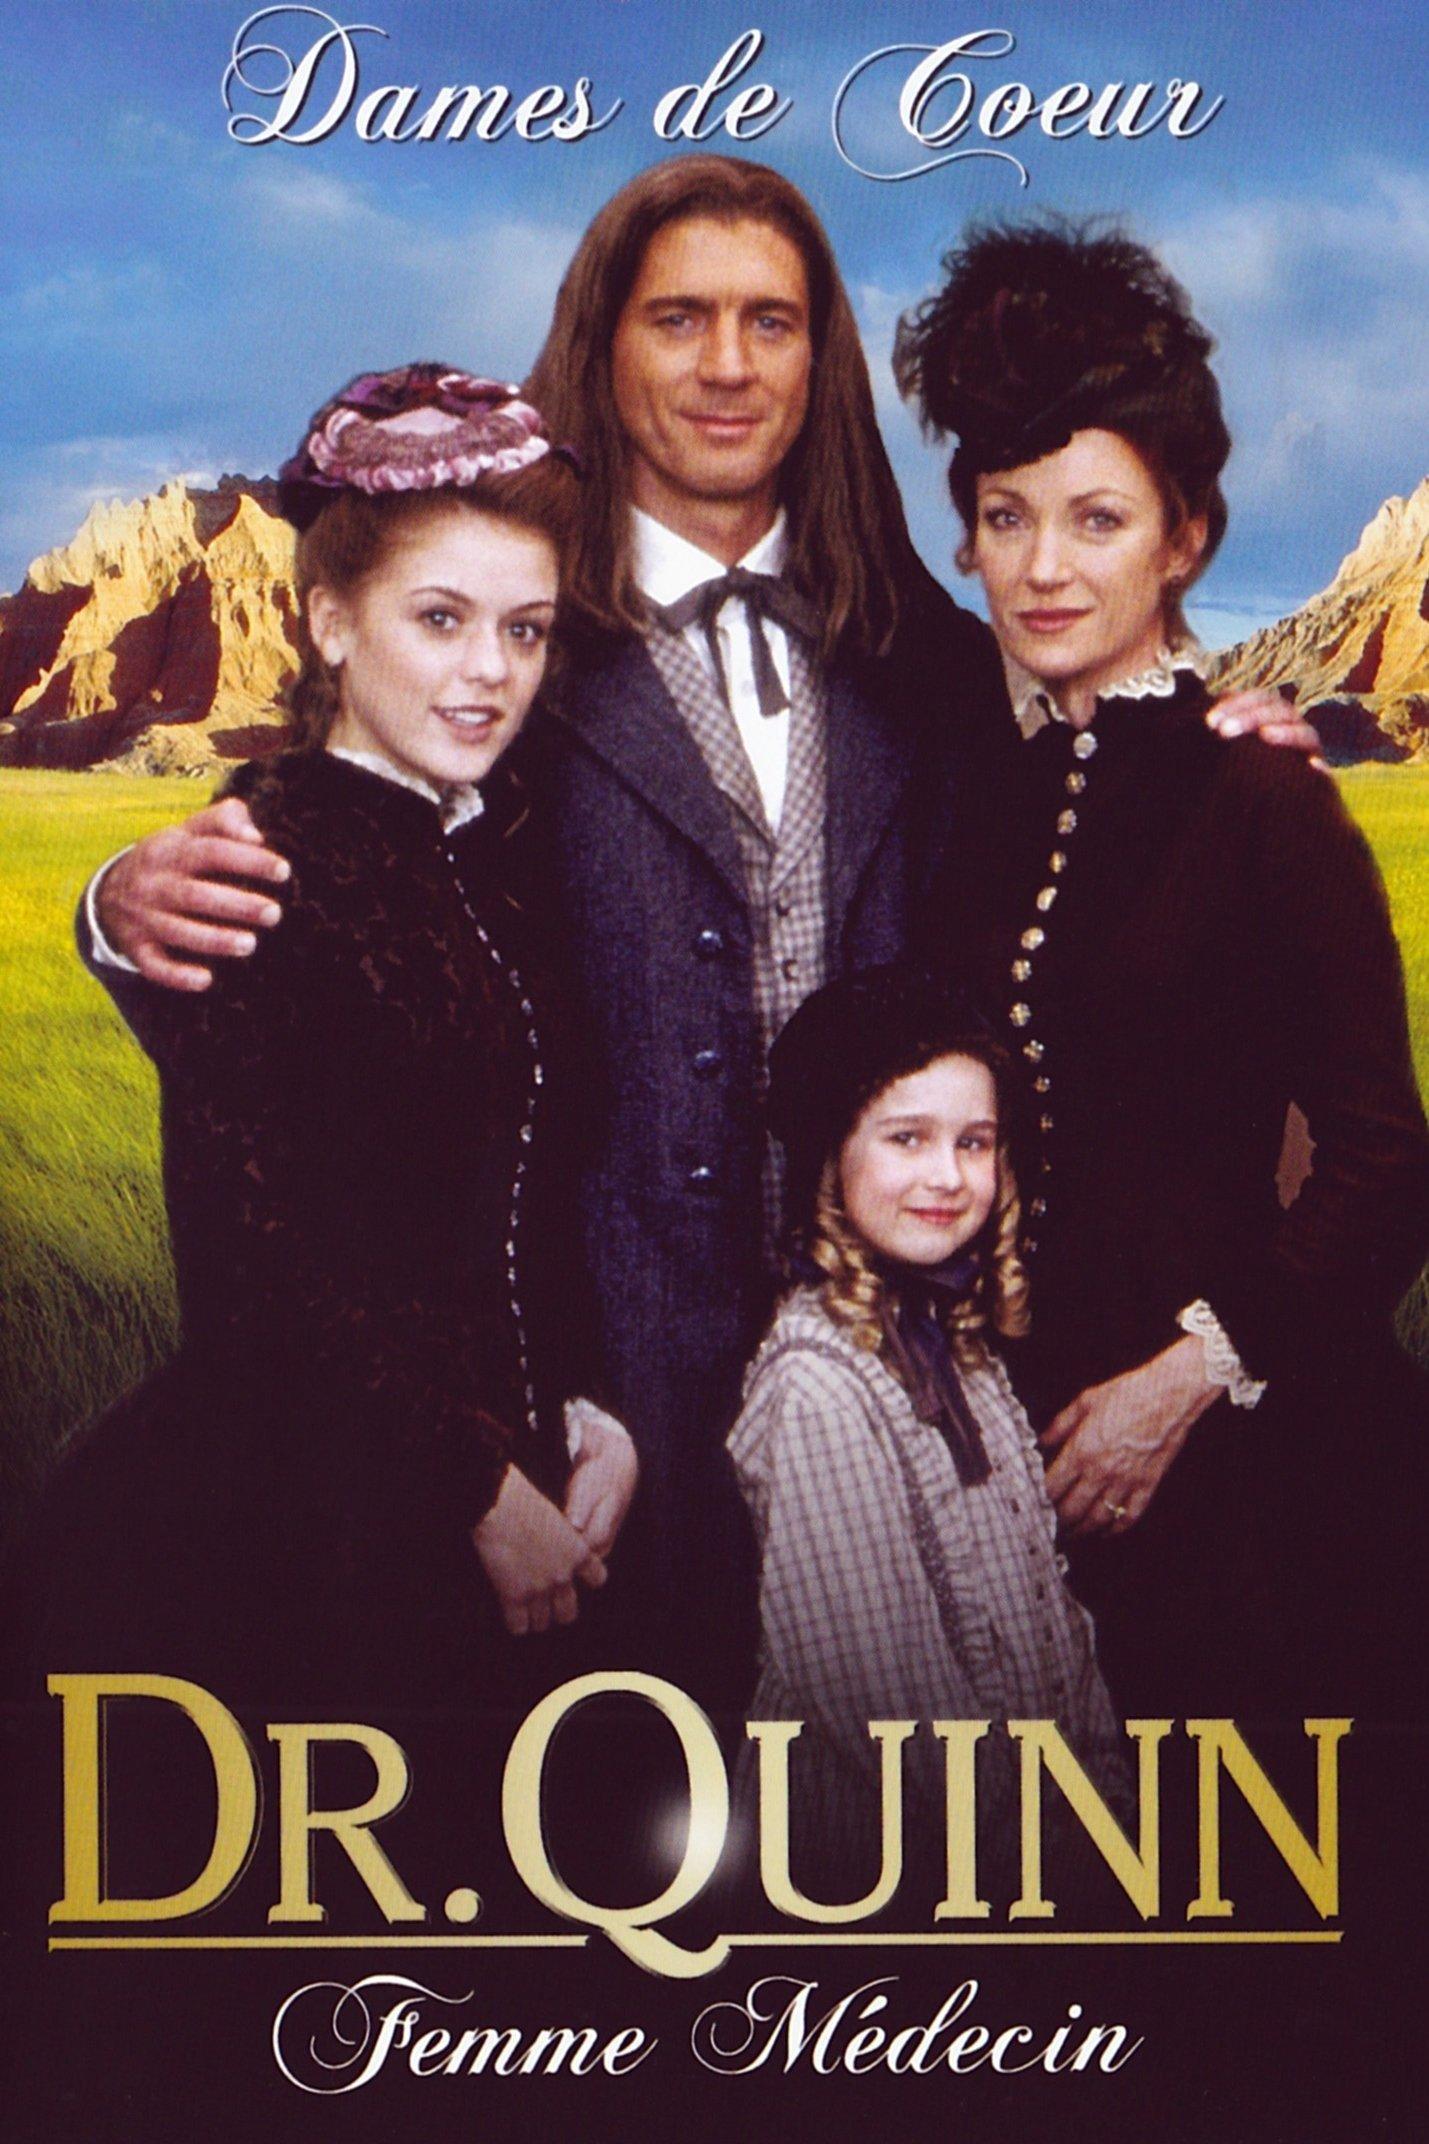 affiche du film Docteur Quinn, femme médecin : Dames de cœur (TV)